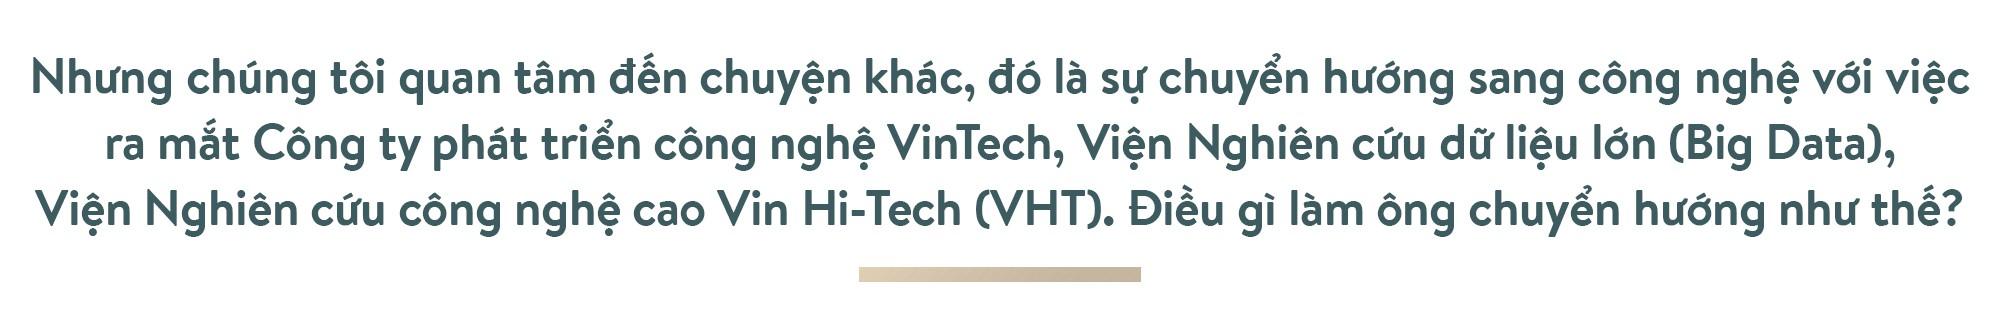 Ông Phạm Nhật Vượng: Thế giới phải biết Việt Nam trí tuệ, đẳng cấp - Ảnh 2.